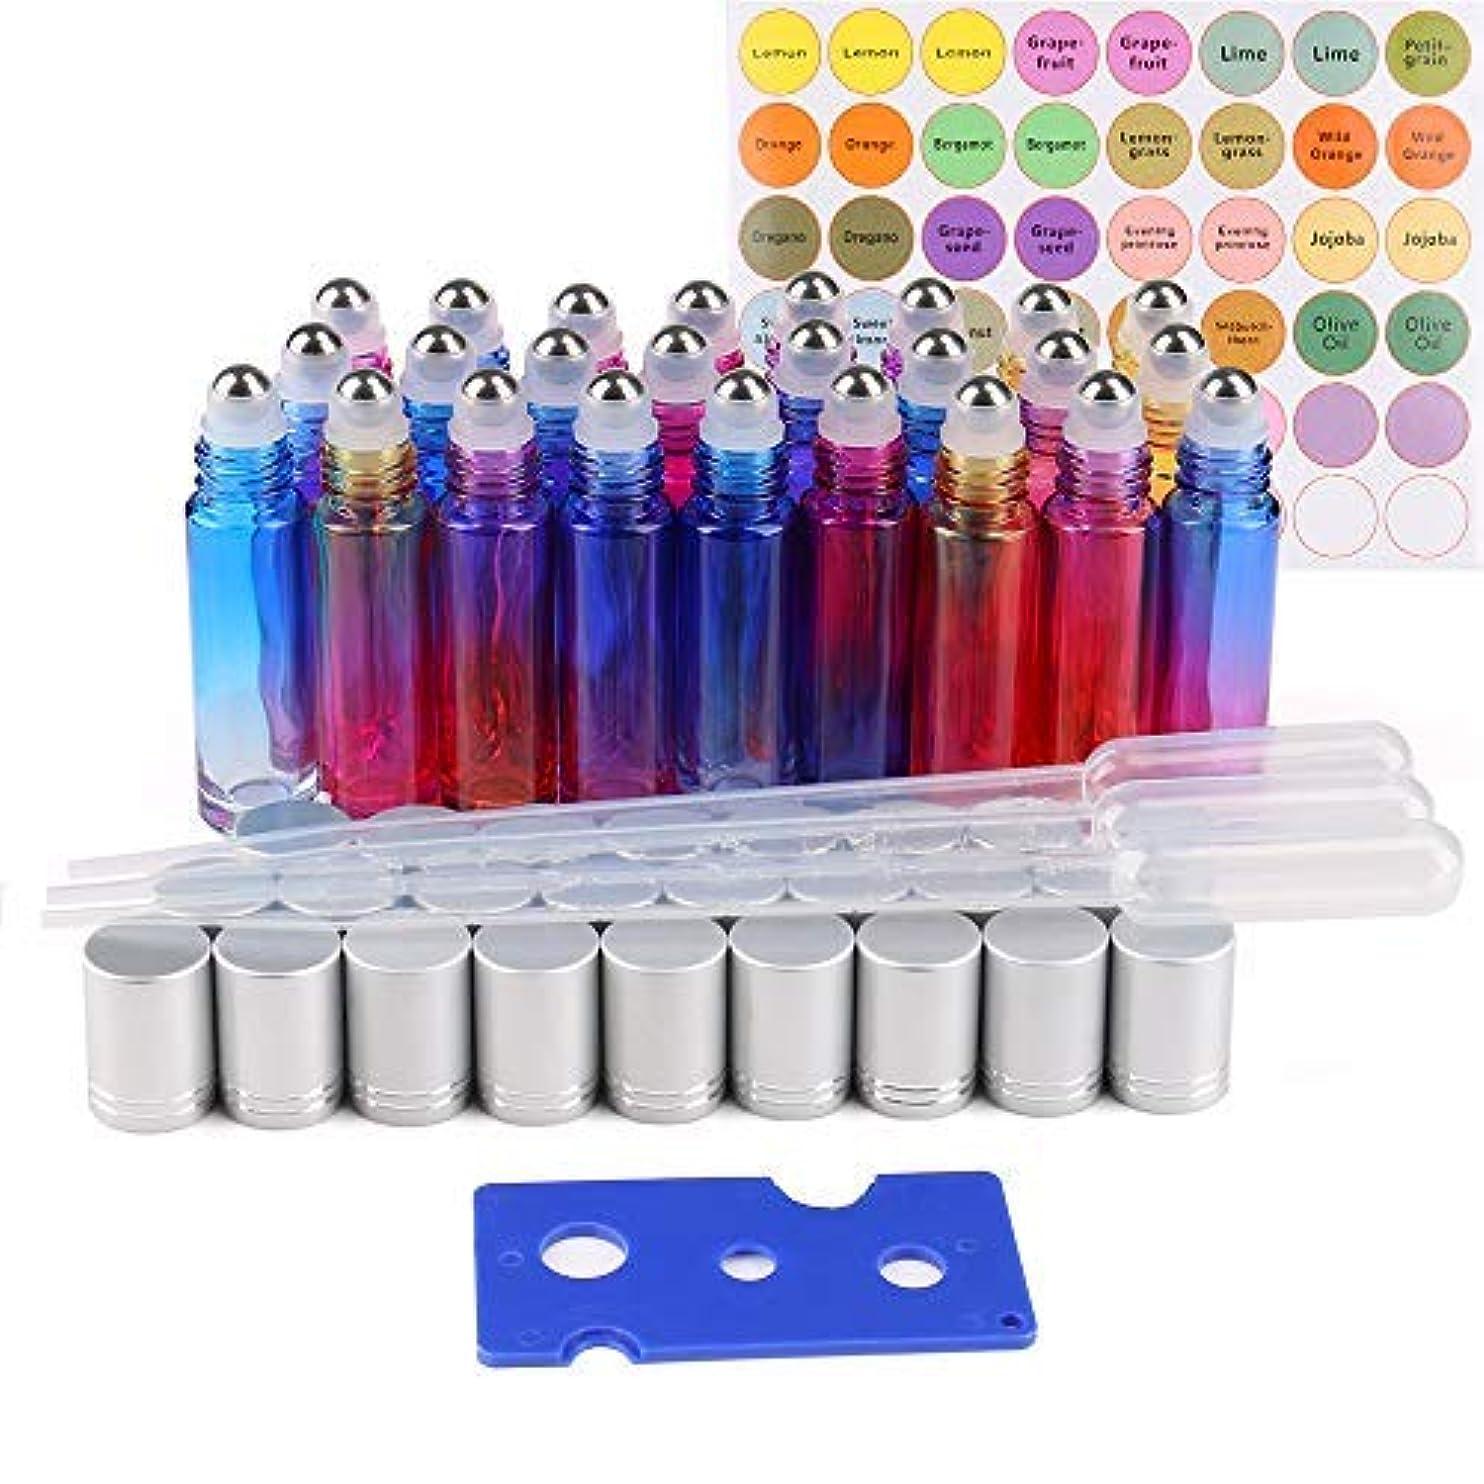 爆風憂鬱な学習25 Pack Essential Oil Roller Bottles, 10ml Gradient Color Roll on Bottles with Stainless Steel Roller Balls for Essential Oils (3 Dropper, 1 Bottle Sticker, 1 Opener) [並行輸入品]